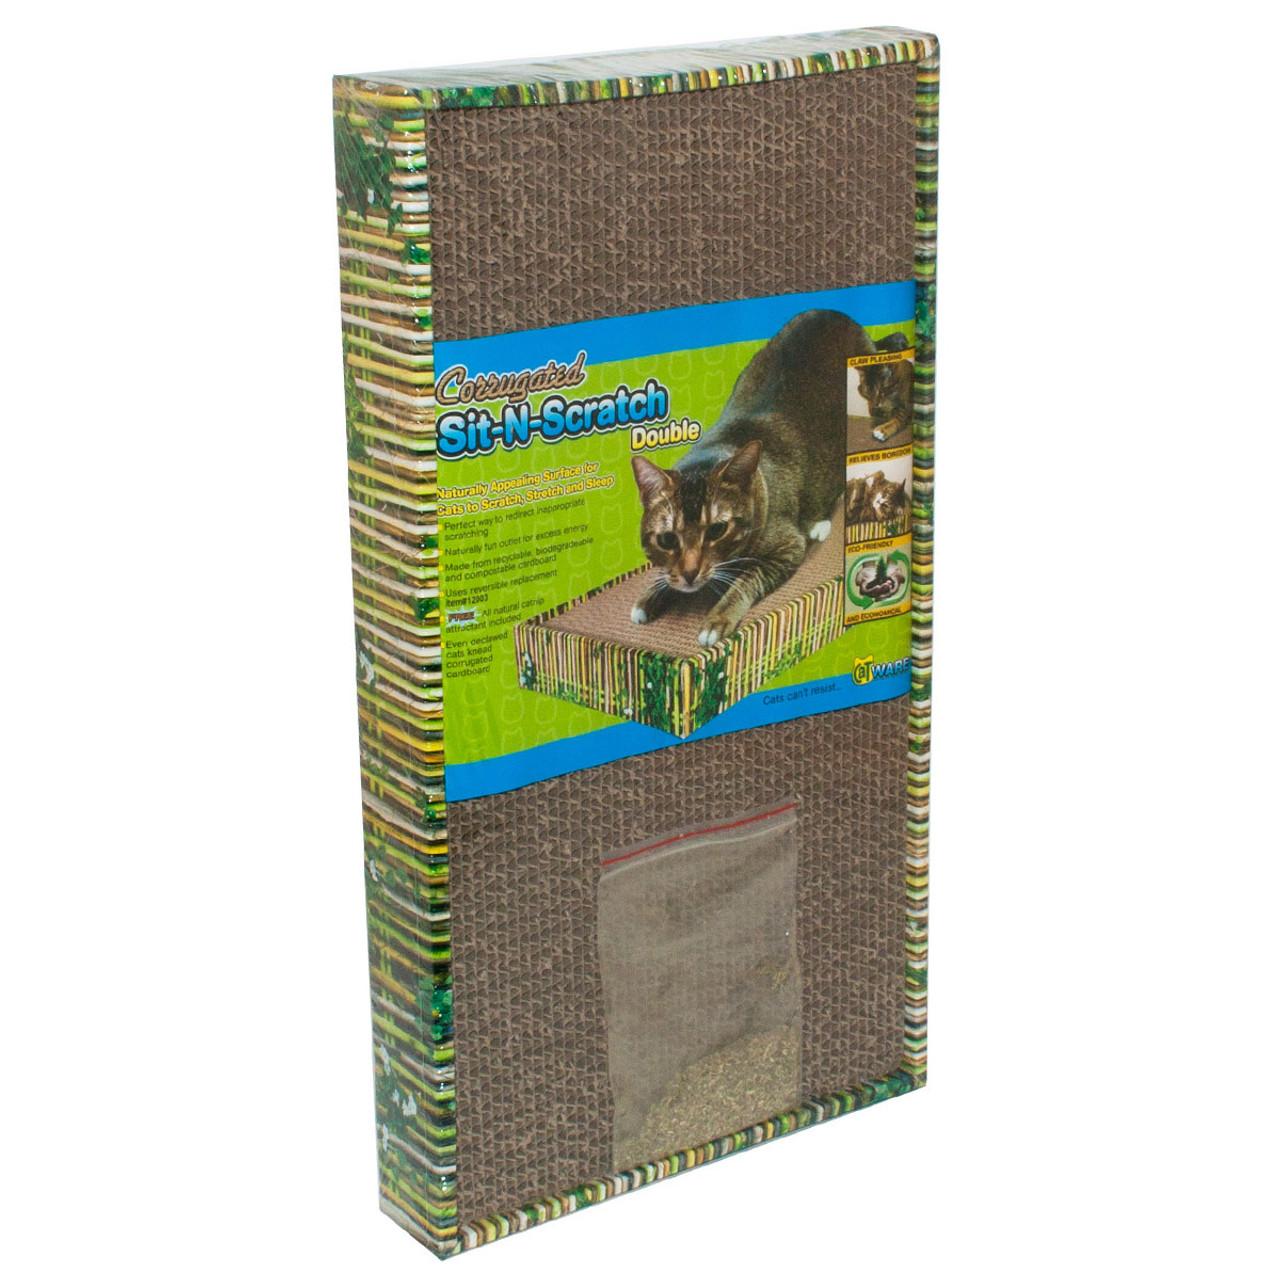 Ware Sit-N-Scratch Double Cardboard Cat Scratcher